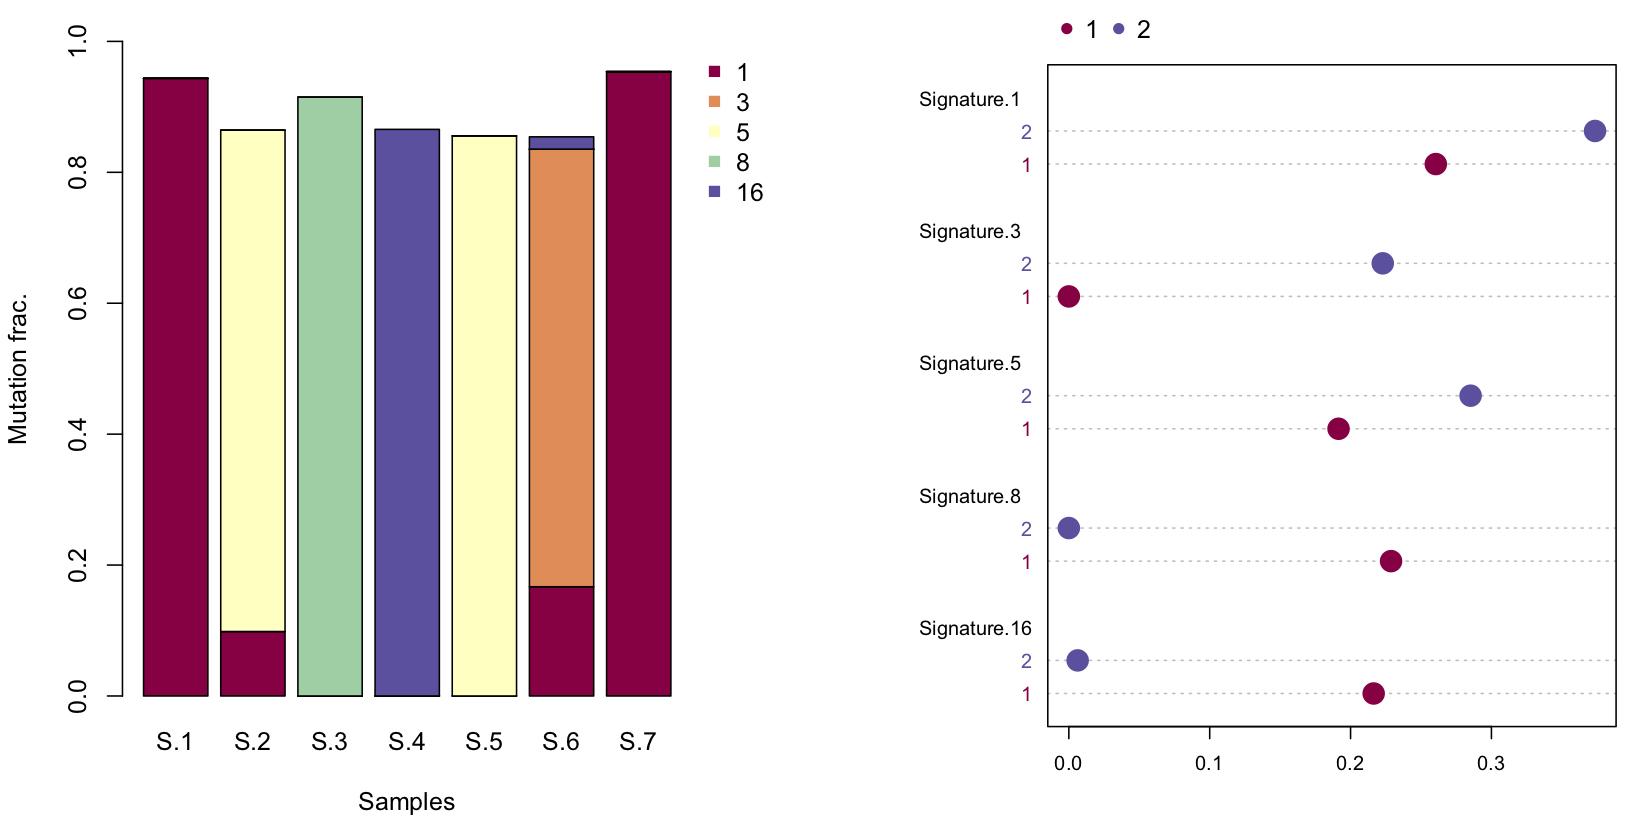 Image of plots